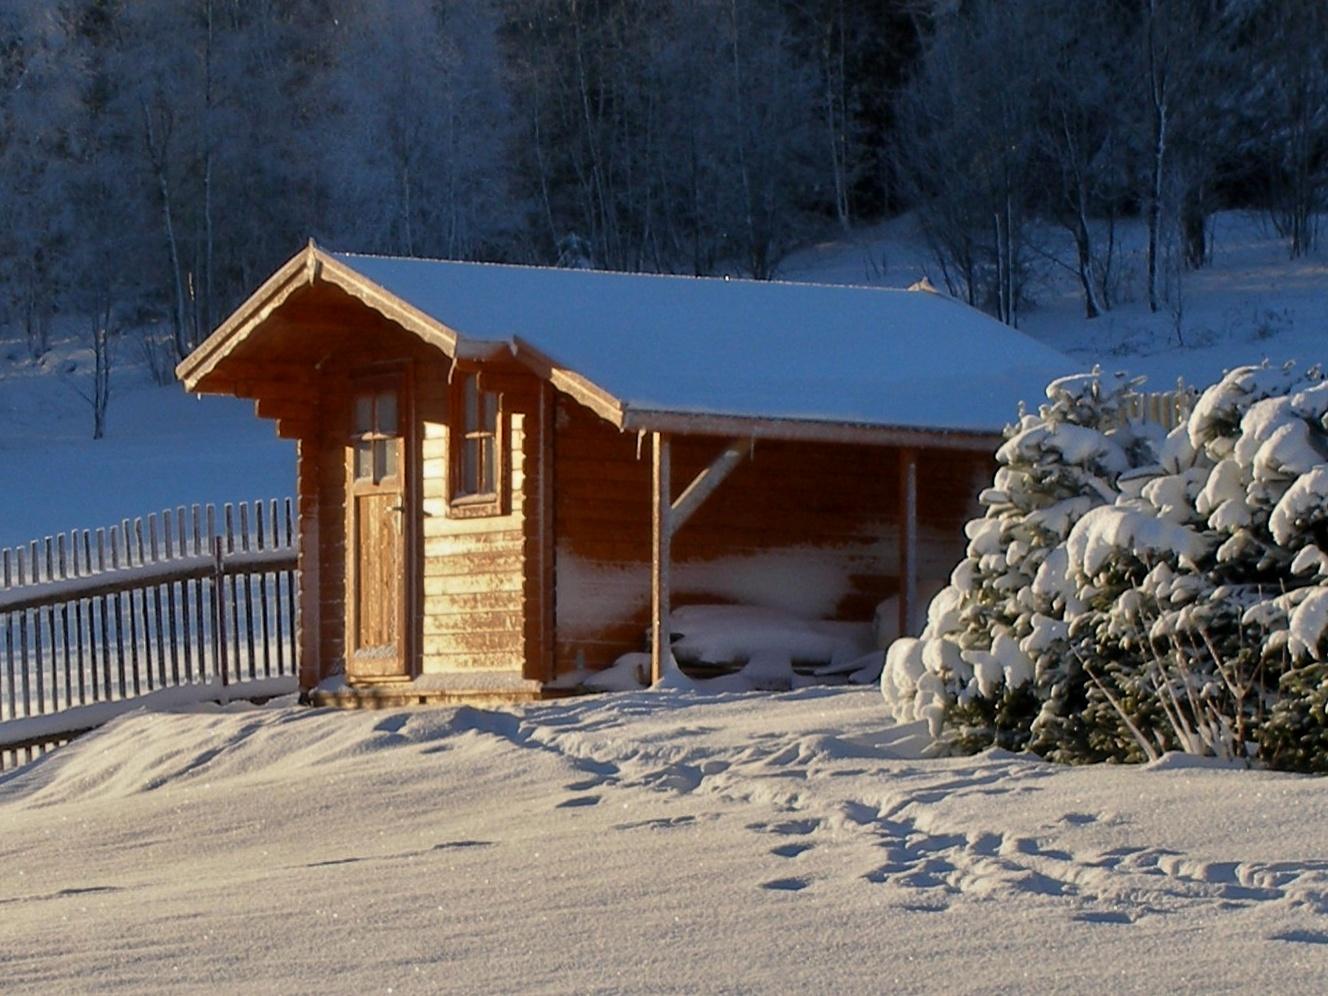 Zahradní domek v zimě